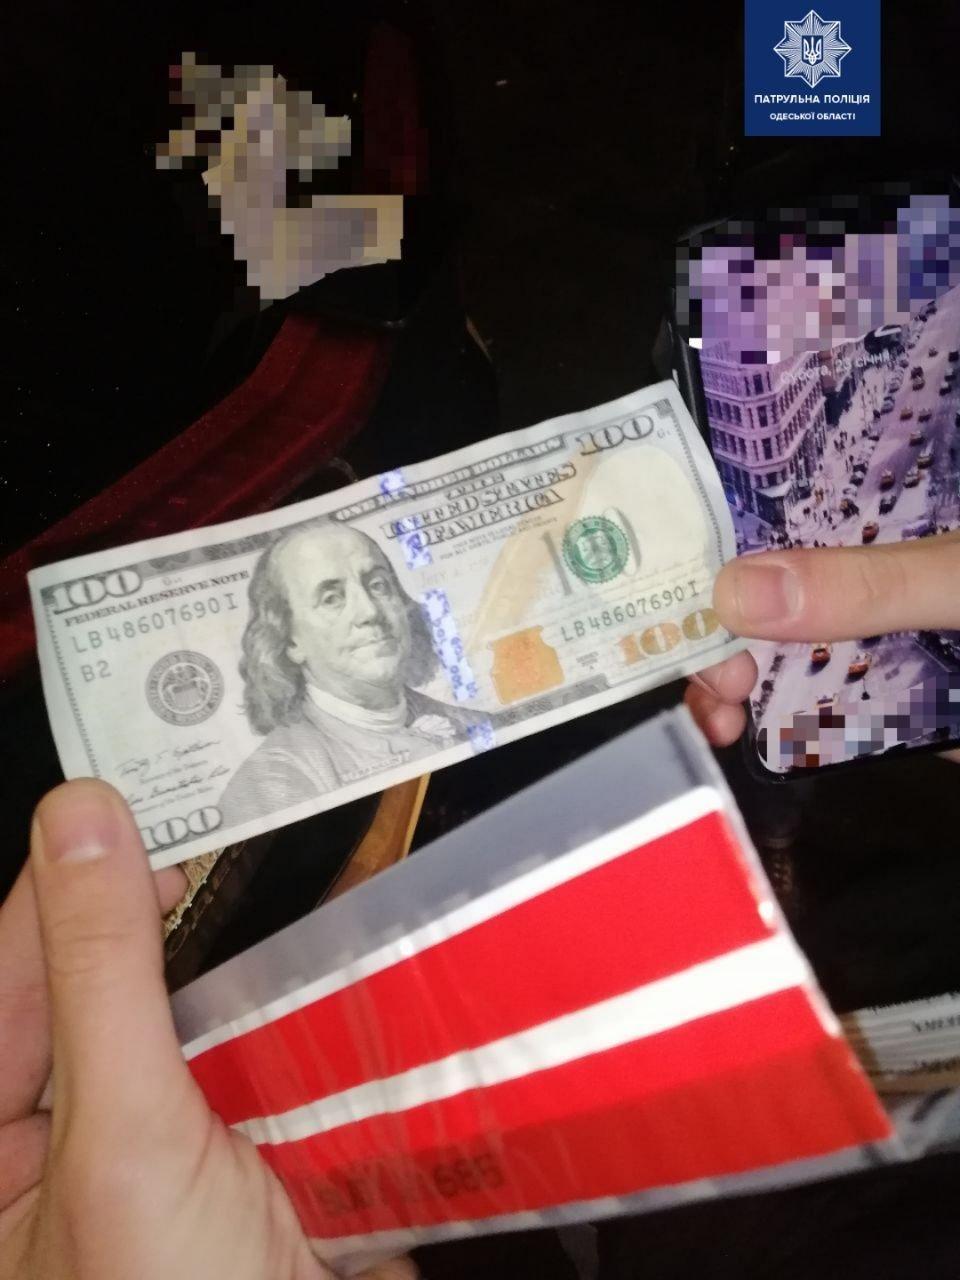 В Одессе пьяный водитель пытался дать взятку полицейским, - ФОТО, фото-1